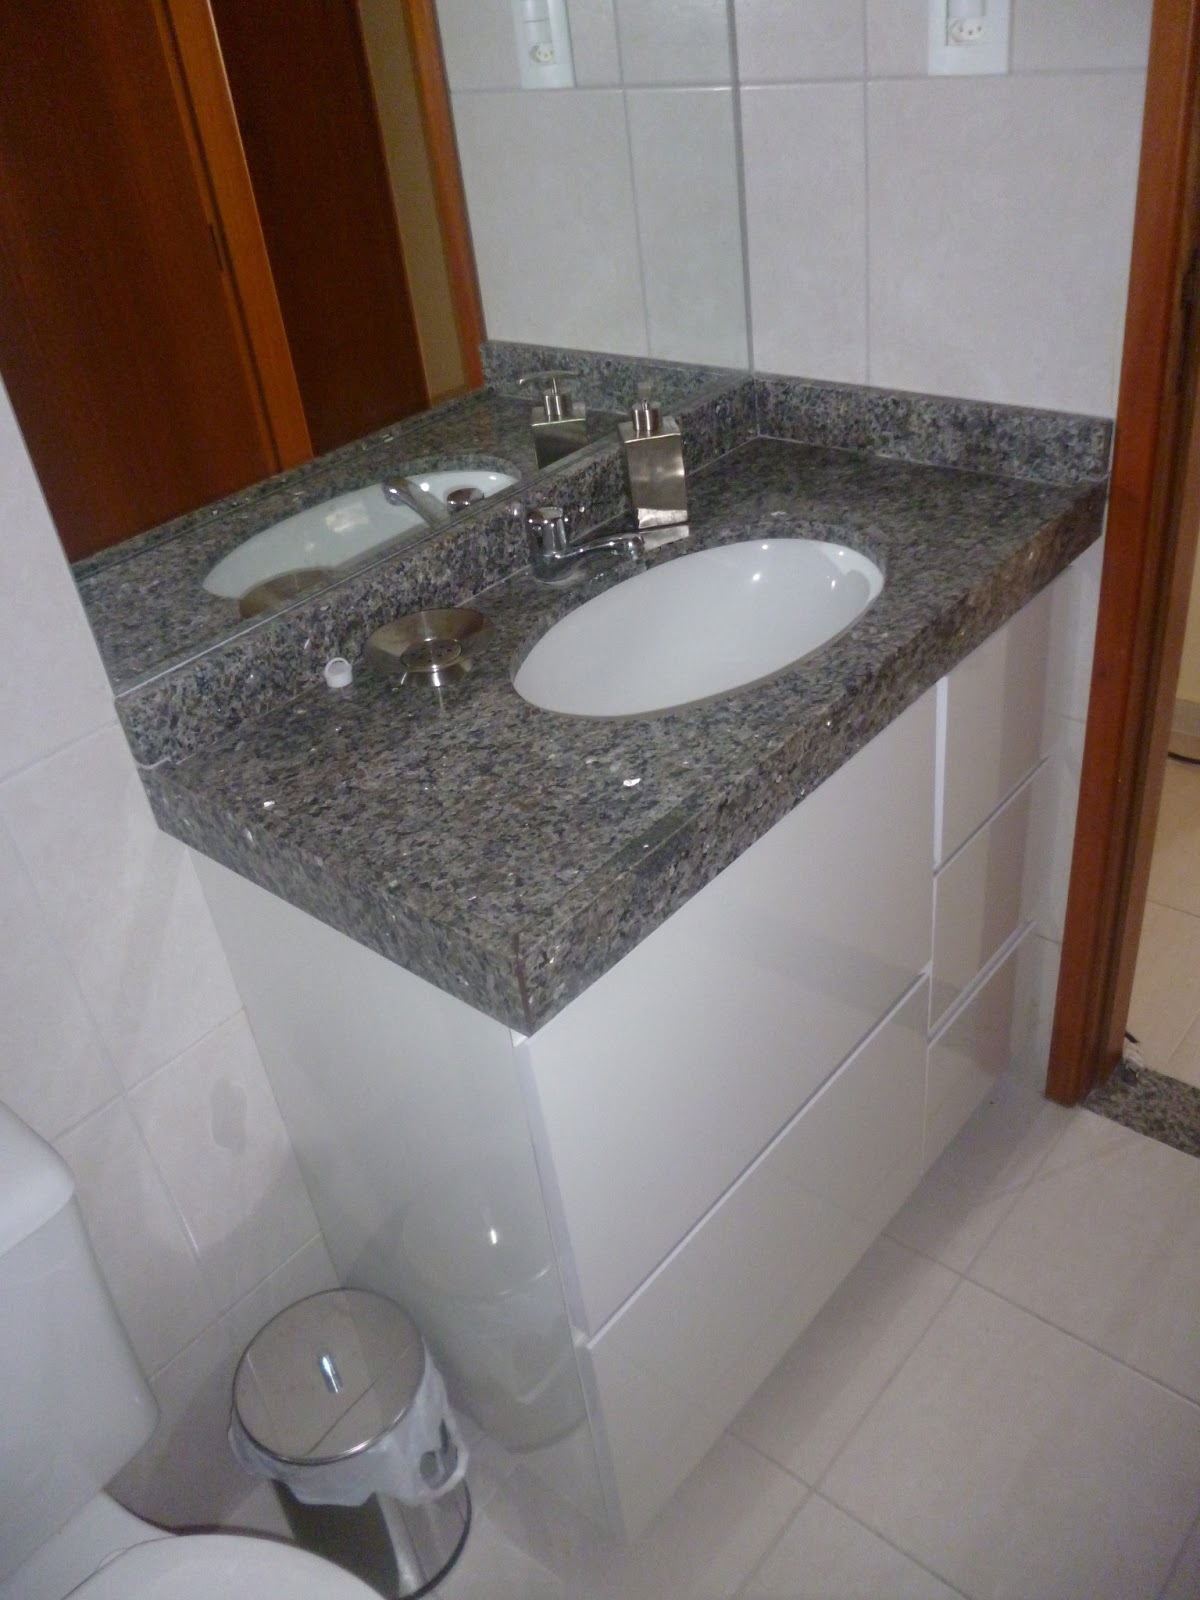 VIA ART FERRO Contato (81)988331092 E mail: via.artferro@gmail.com  #613920 1200x1600 Armario Para Banheiro De Granito